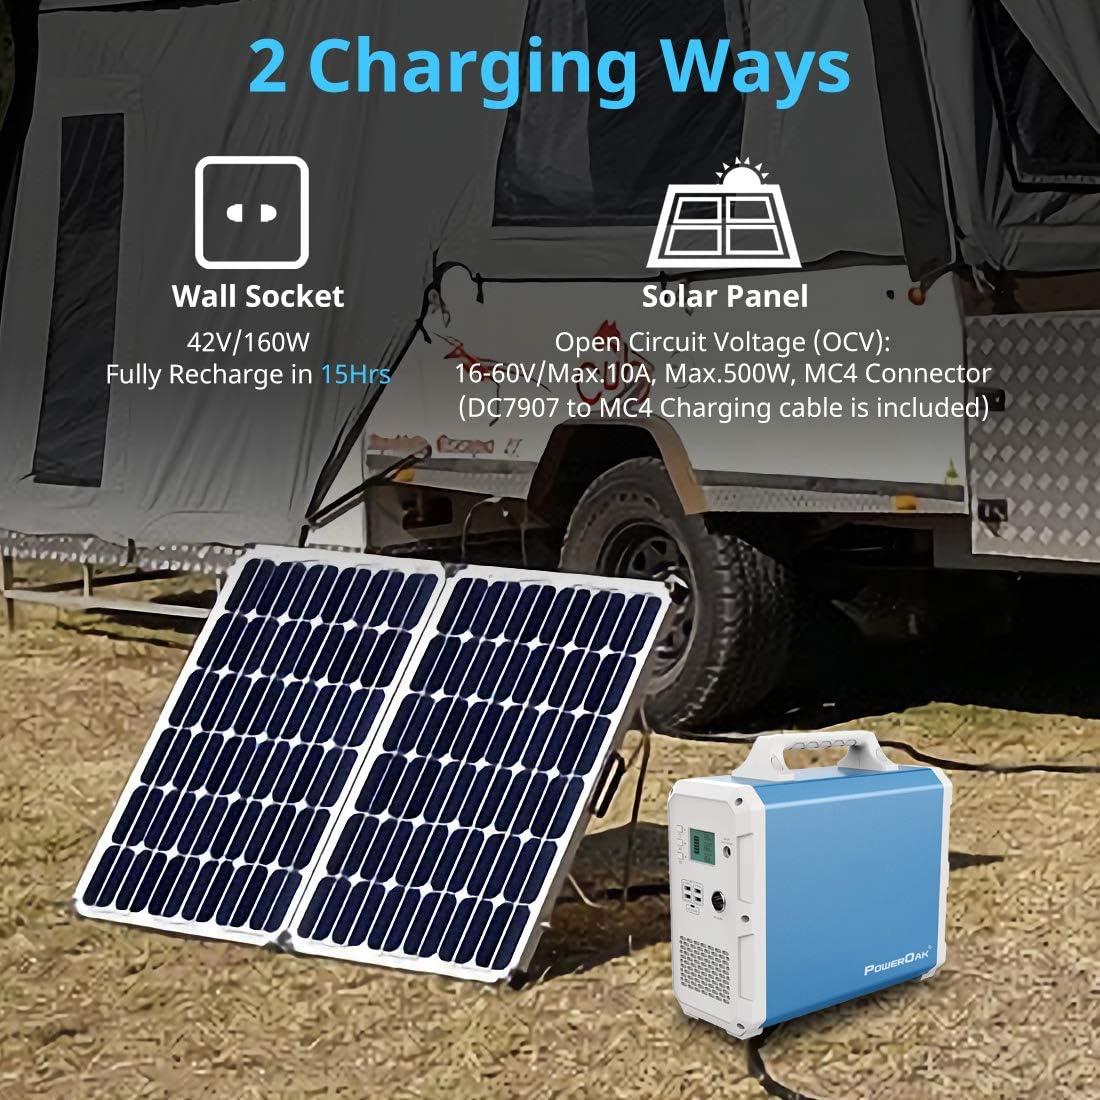 POWEROAK Leistungsstarkes 2400 Wh Solar-Kraftwerk Backup-Stromquelle Solargenerator Notbatterie-Backup Reine Sinuswelle 2AC-Steckdose Stromspeicher Stromspeicher f/ür Wohnmobile im Freien Camping